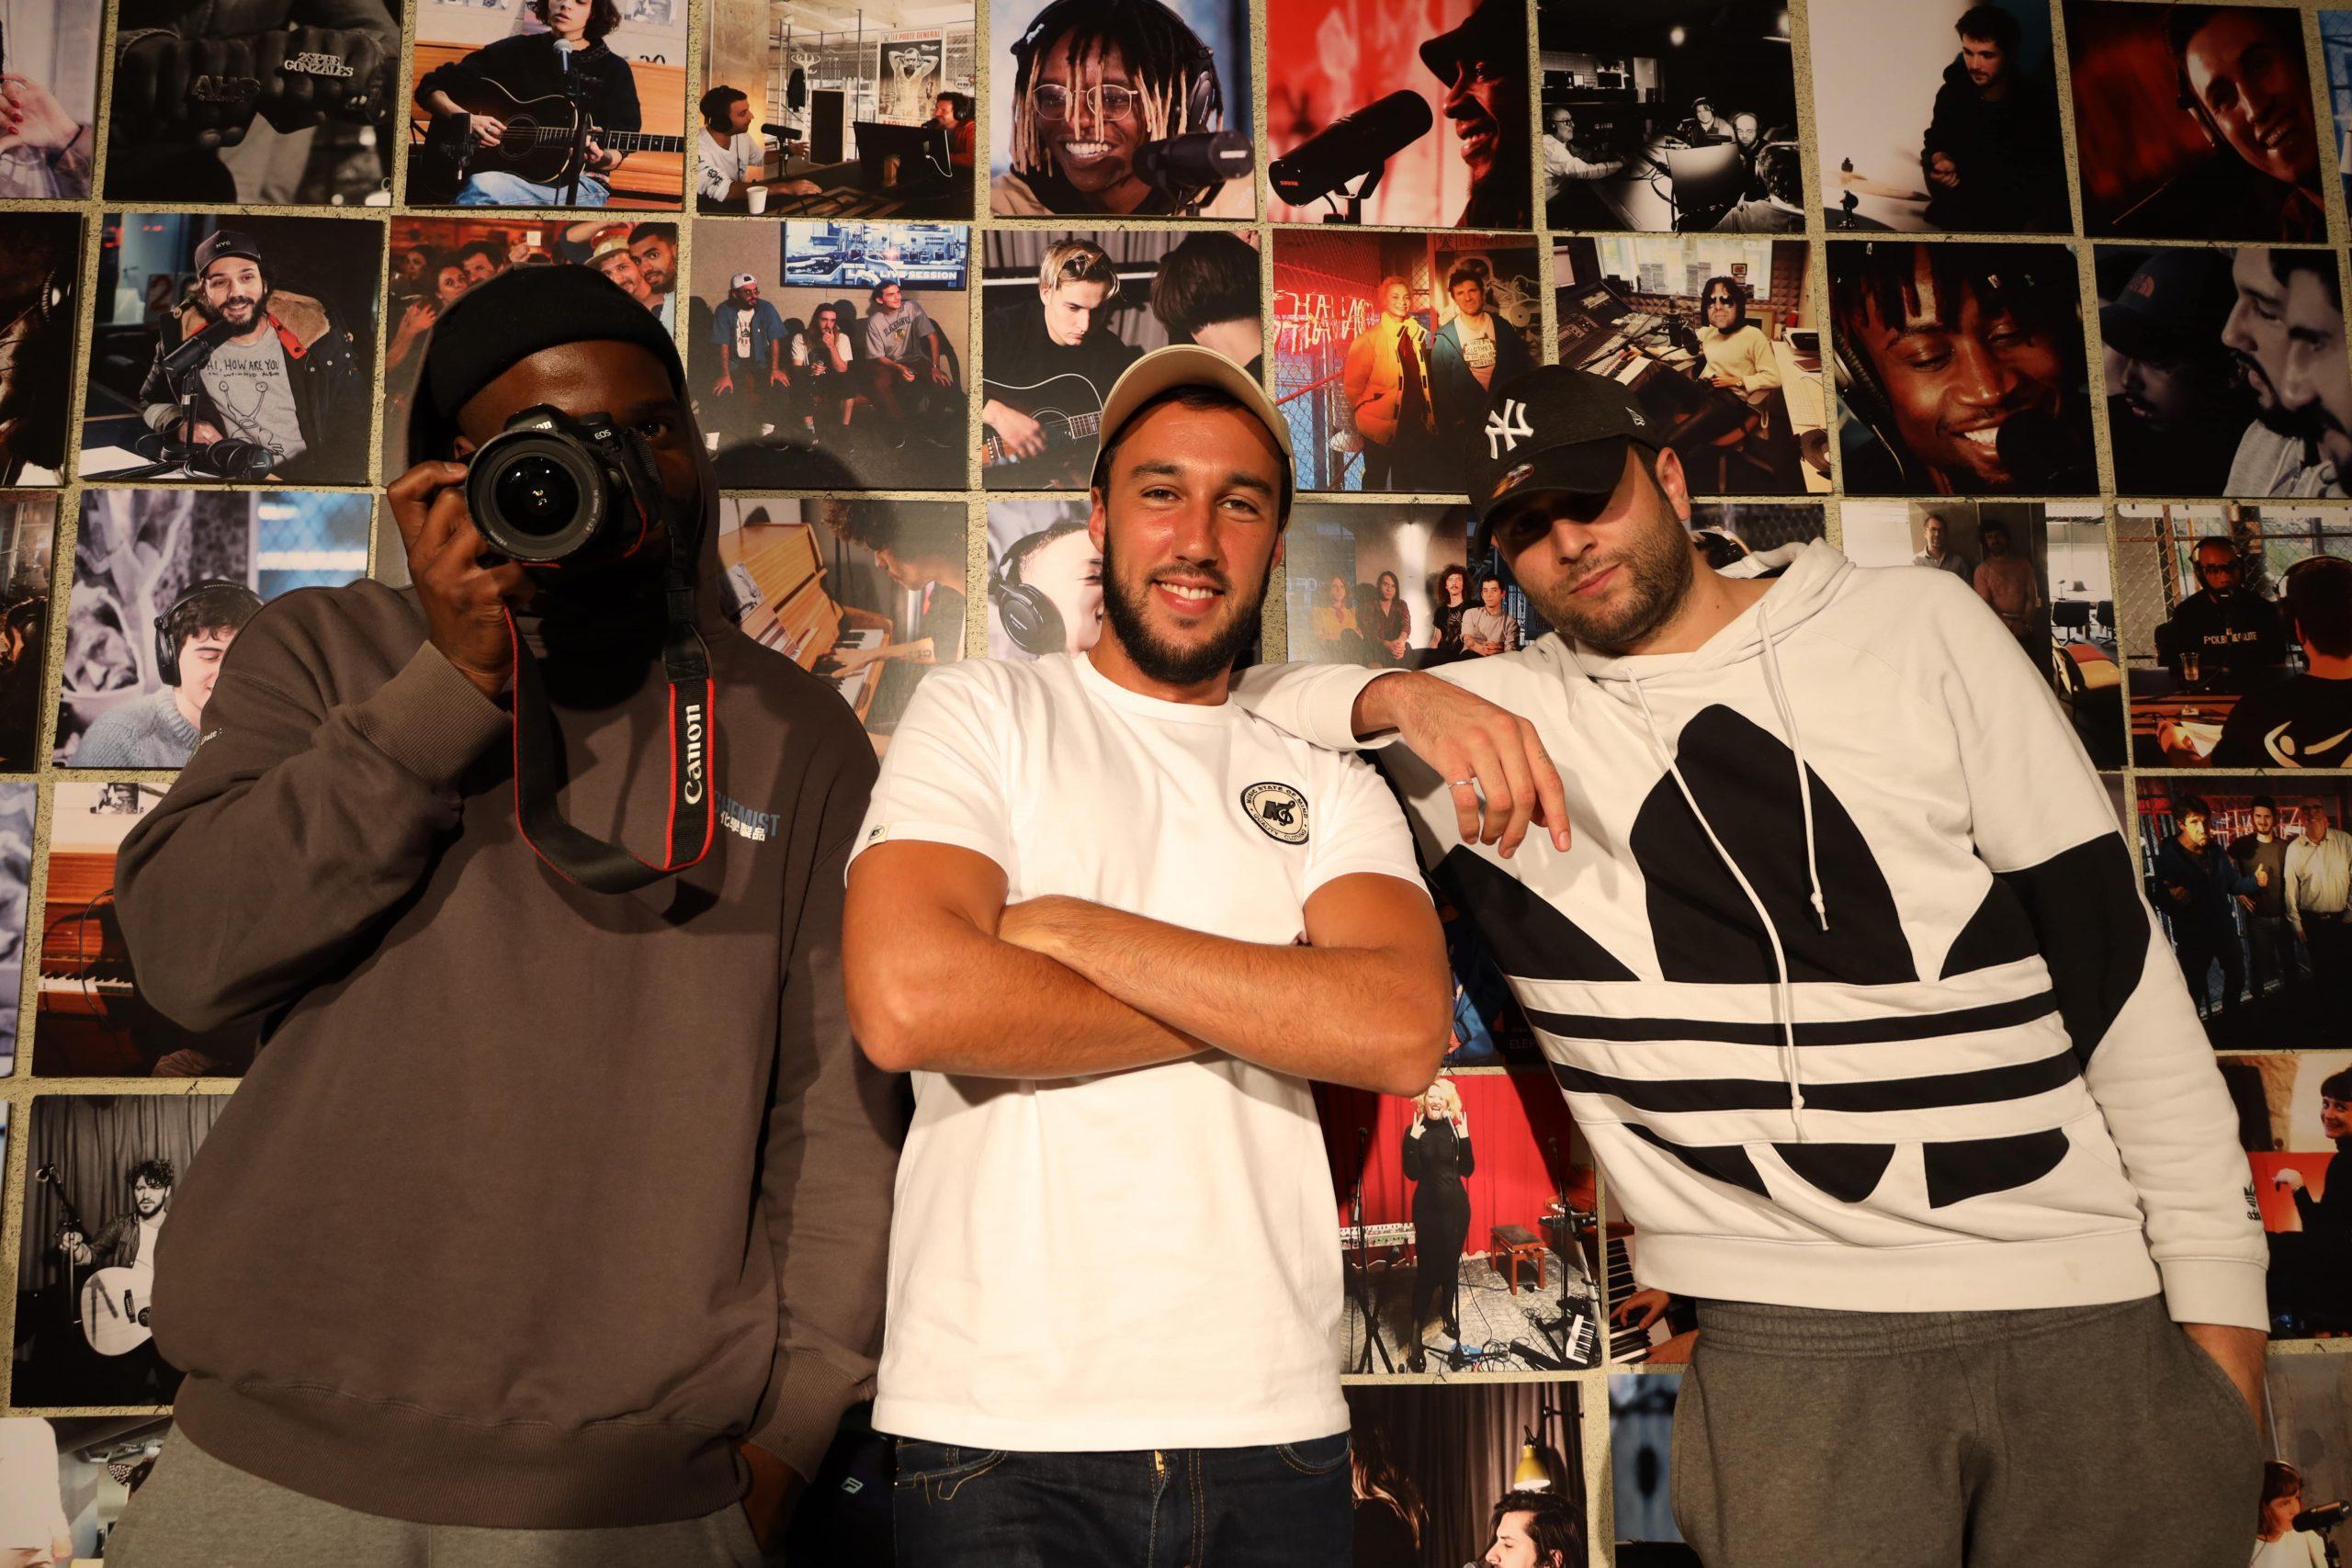 Kidhao, Ismaël Mereghetti et Mohand Baha - Photo @ Deux mecs en short